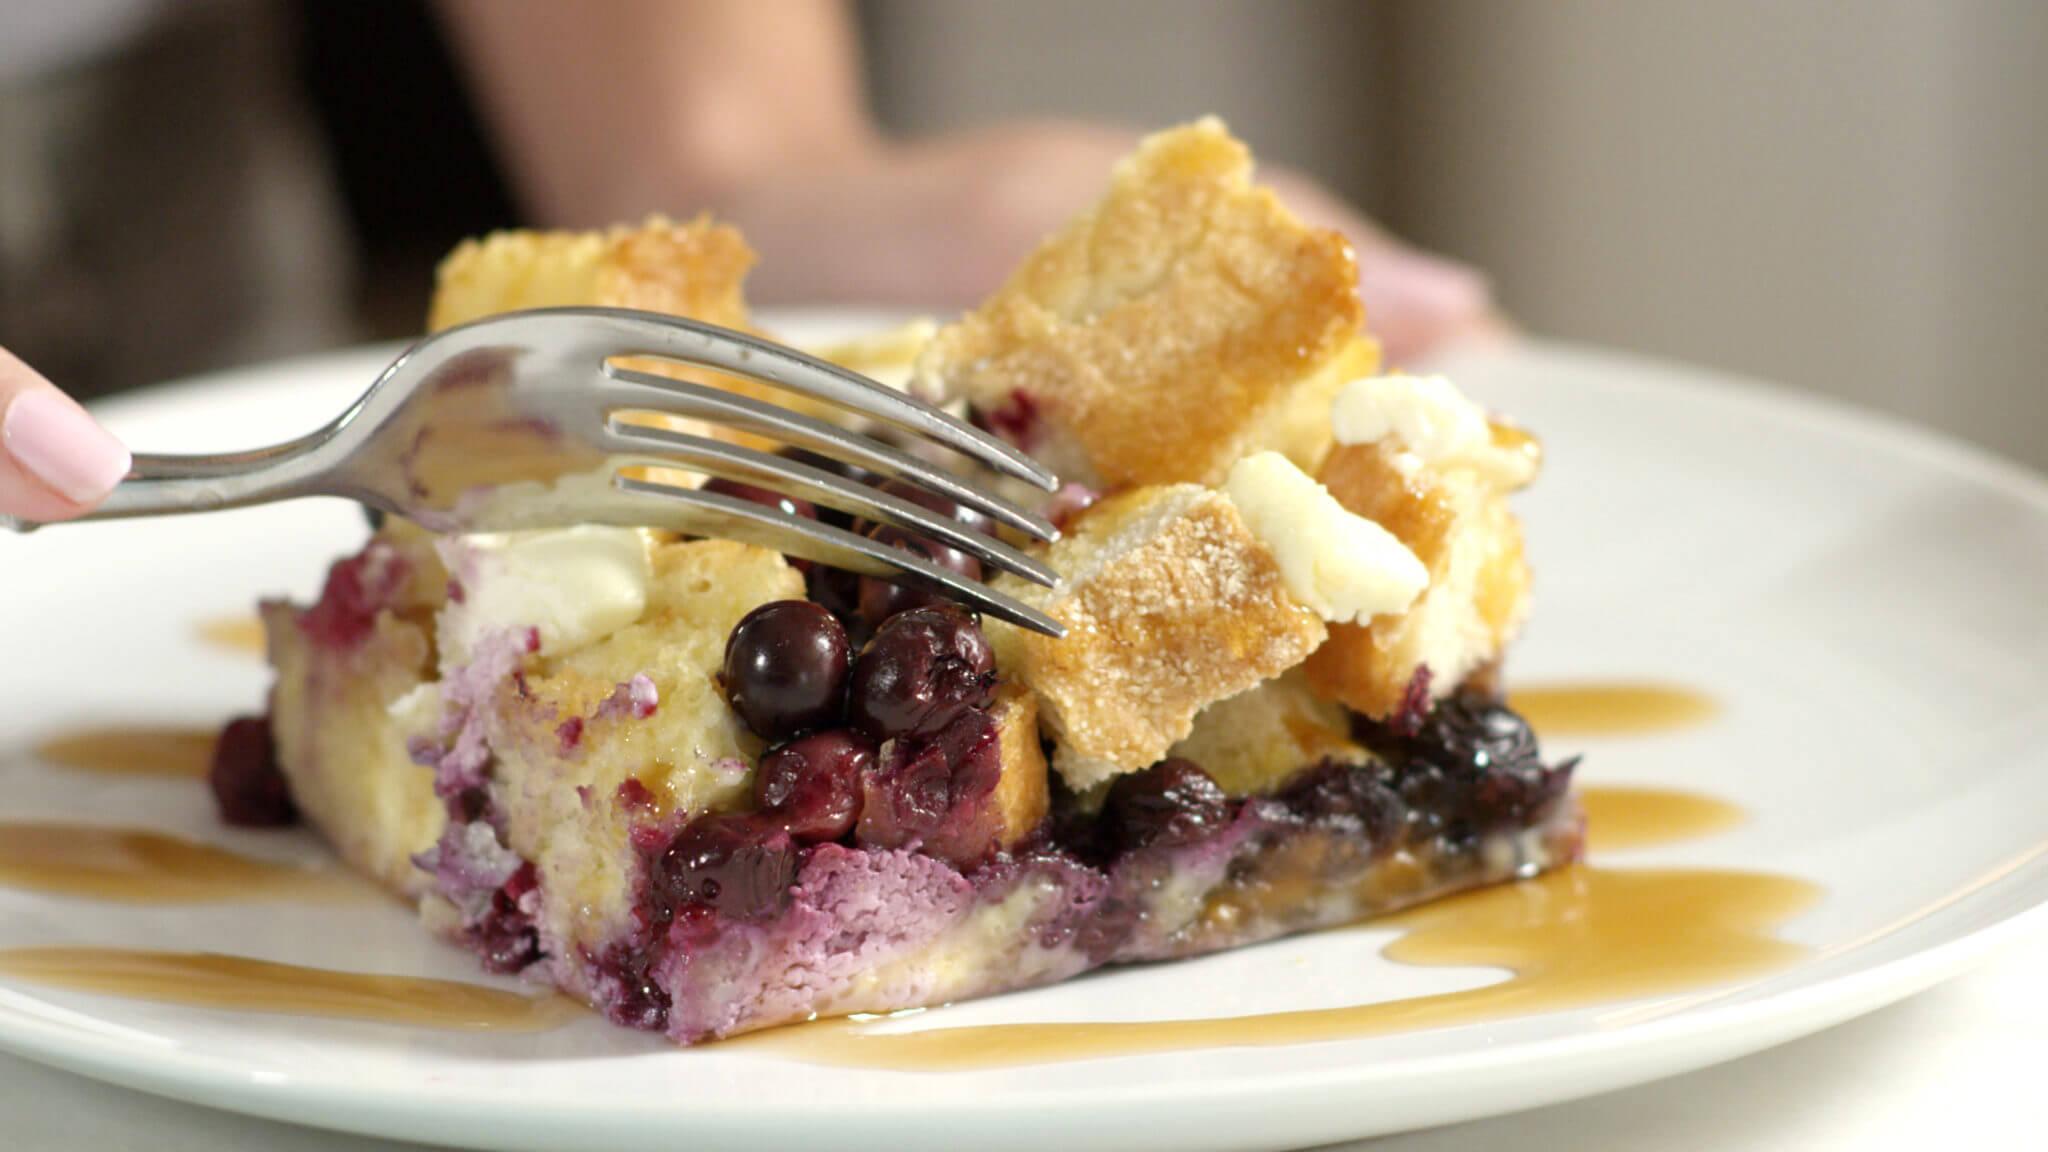 Blueberry Breakfast Casserole Recipe Wish Farms